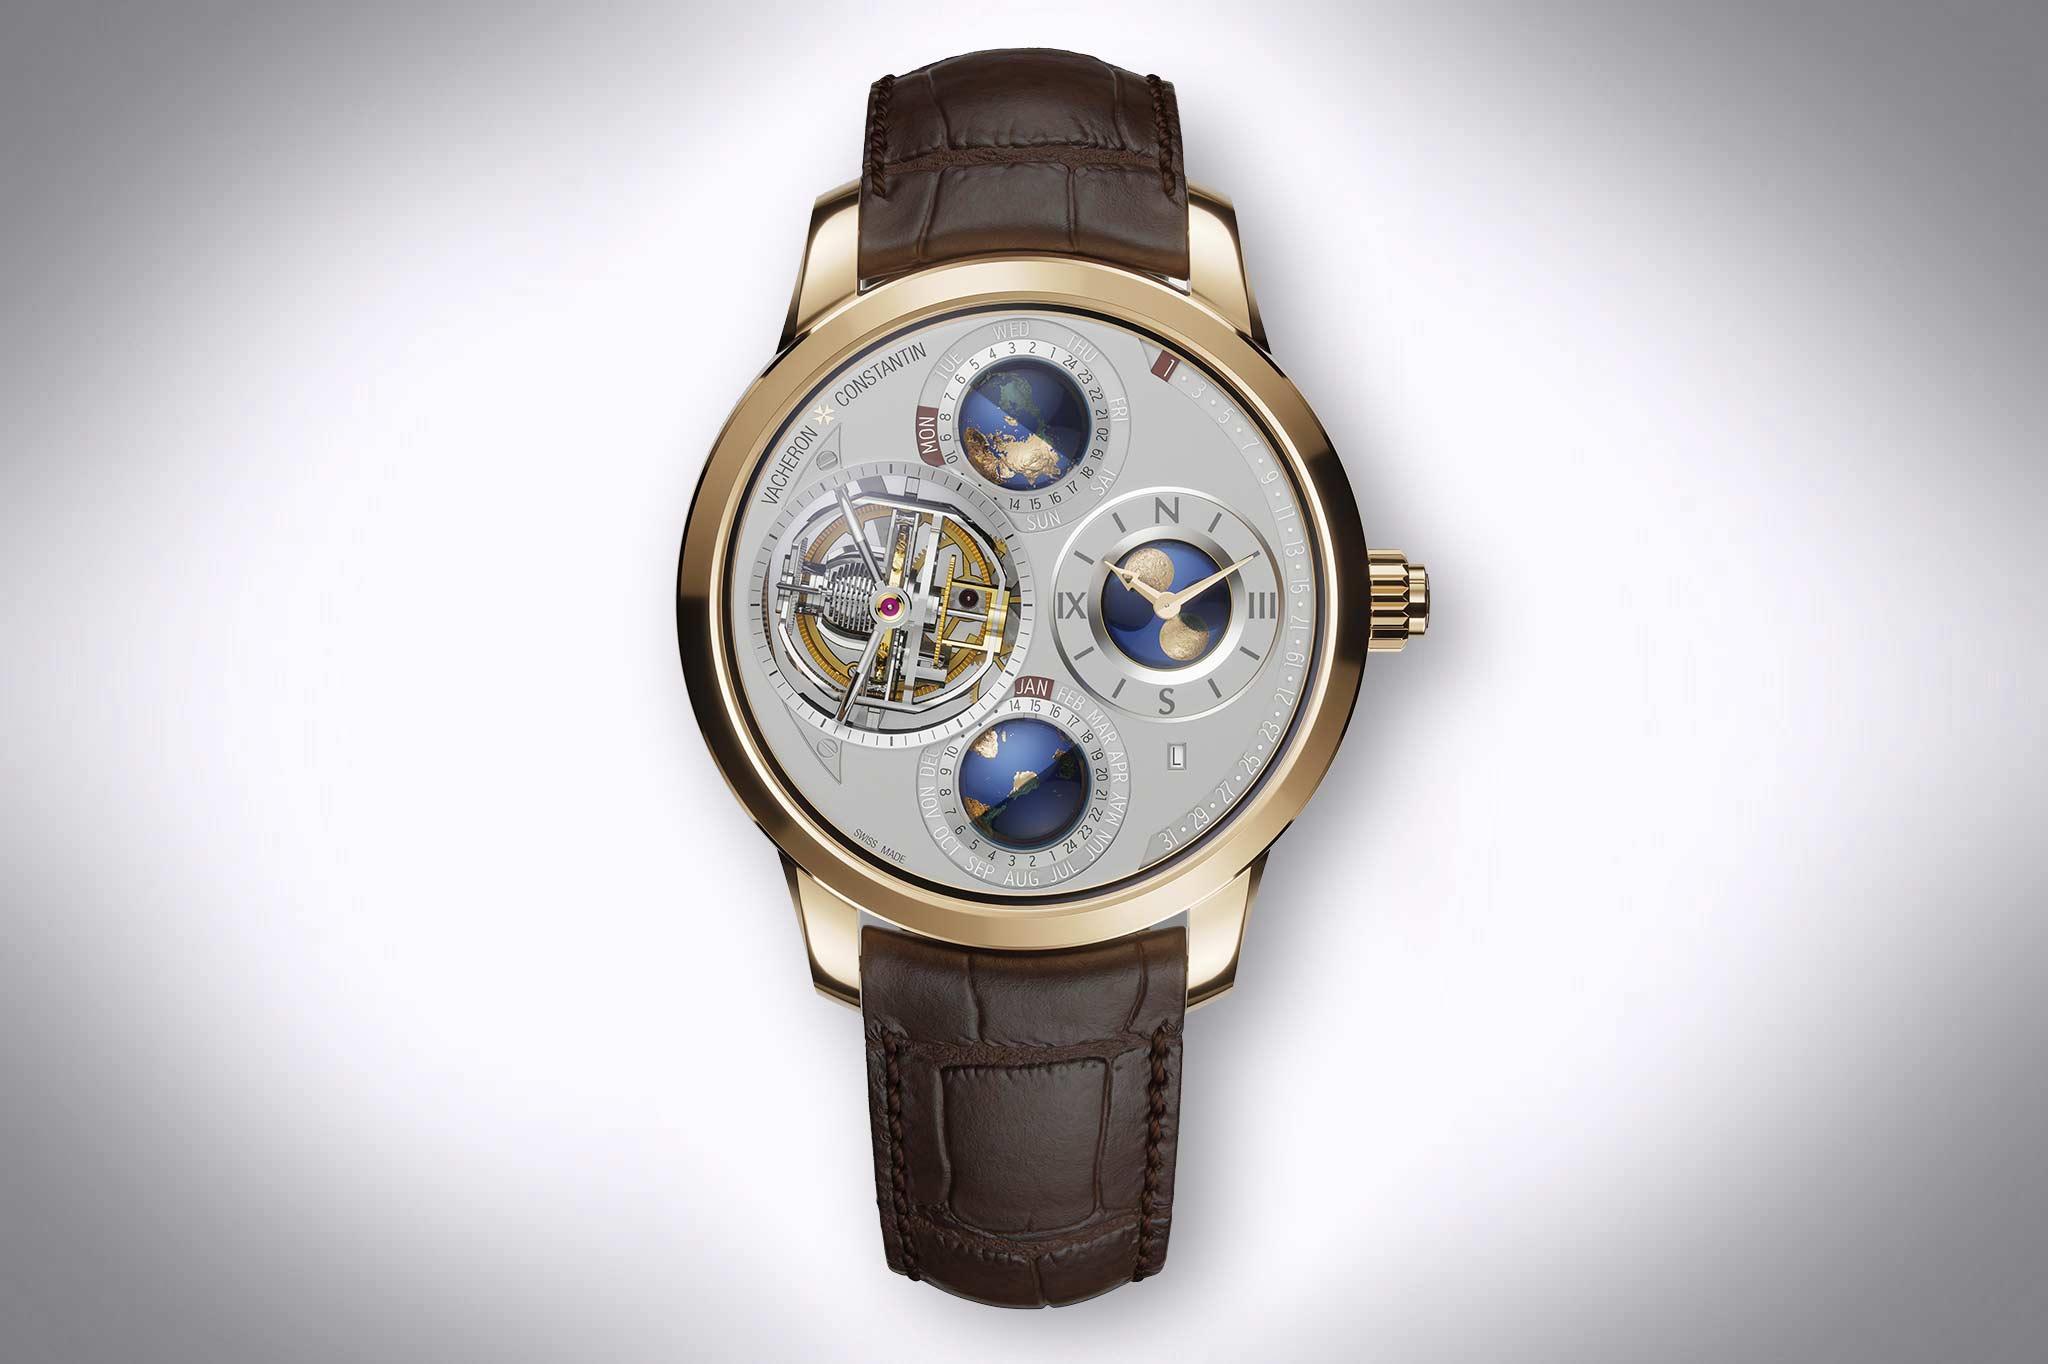 Vacheron Constantin Uhr als Wertanlage